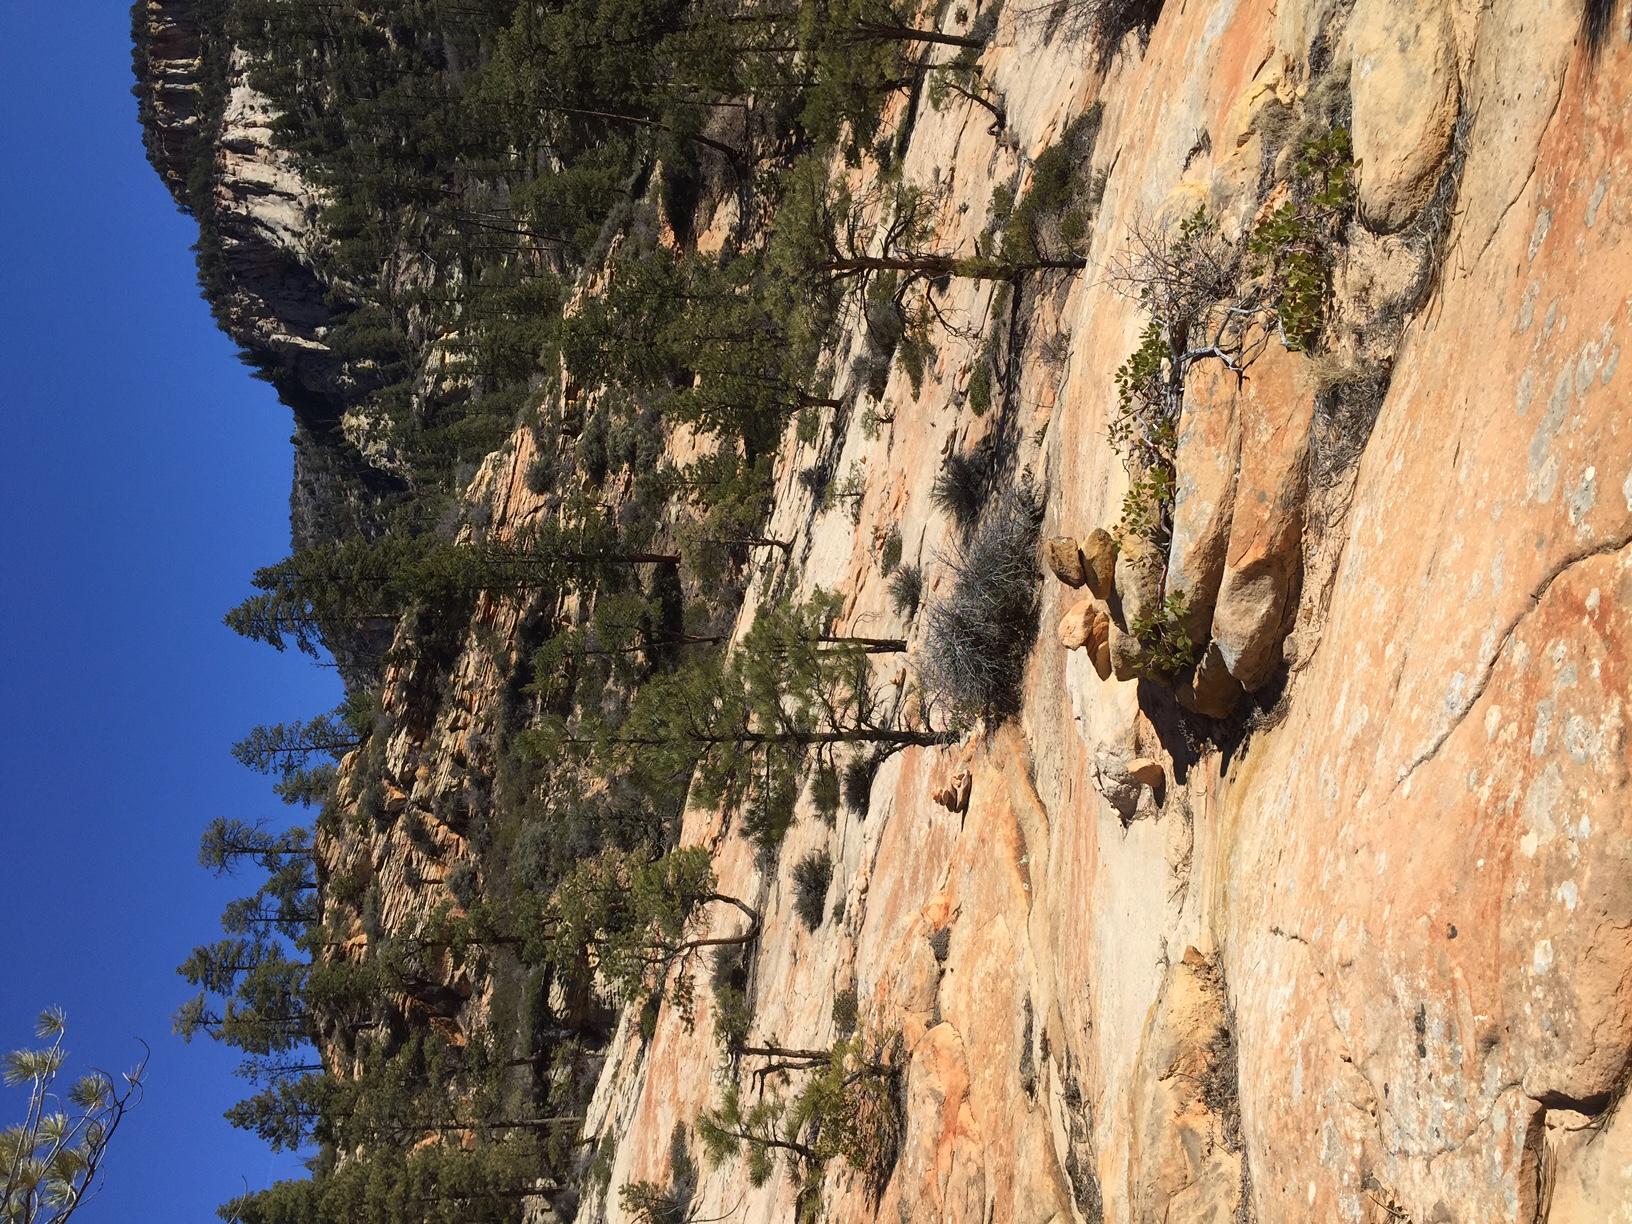 East Rim trail Zion National Park